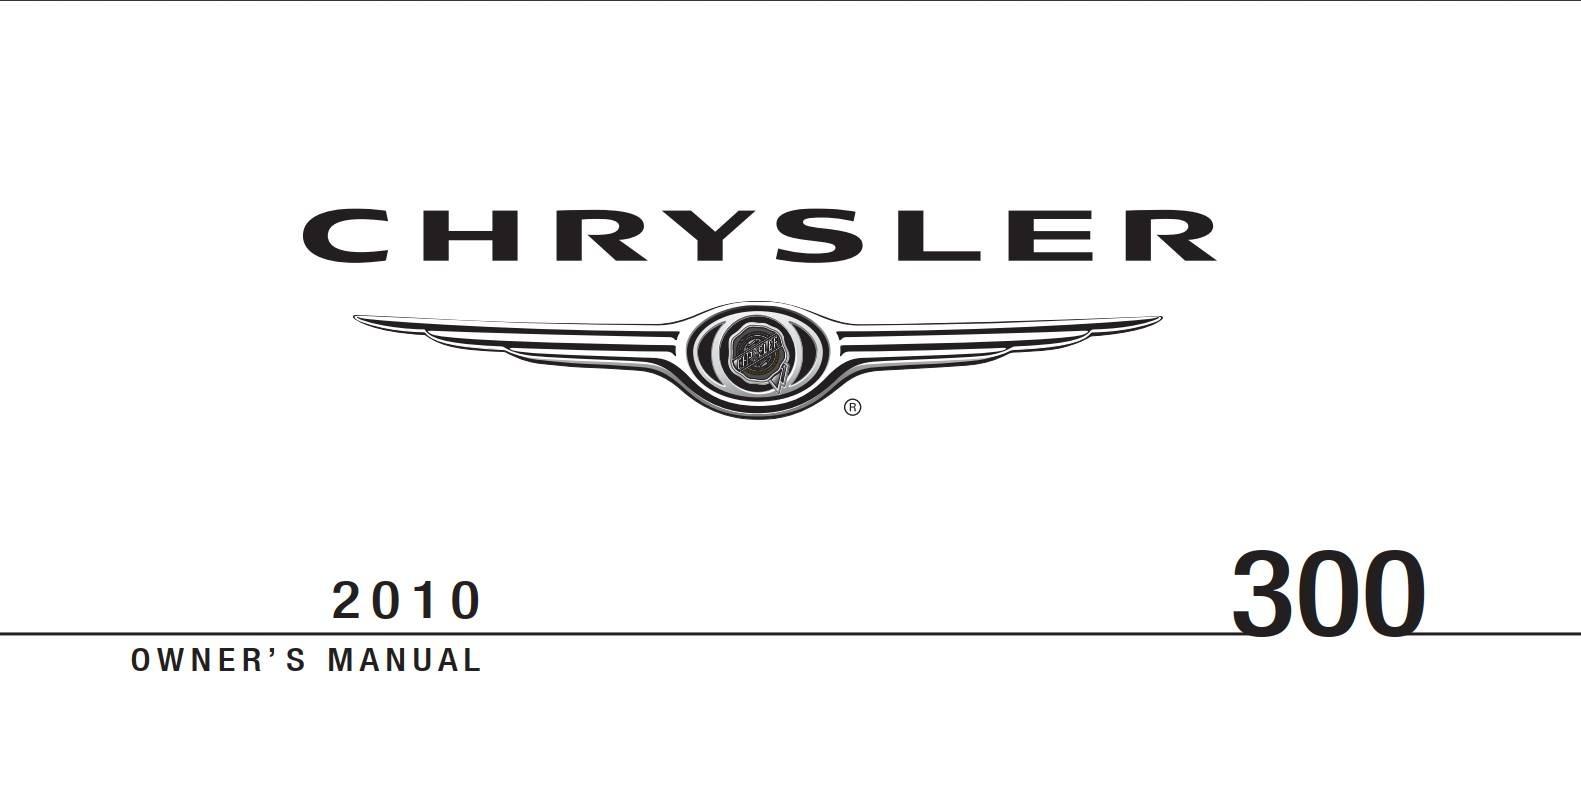 Chrysler 300 2010 Owner's Manual